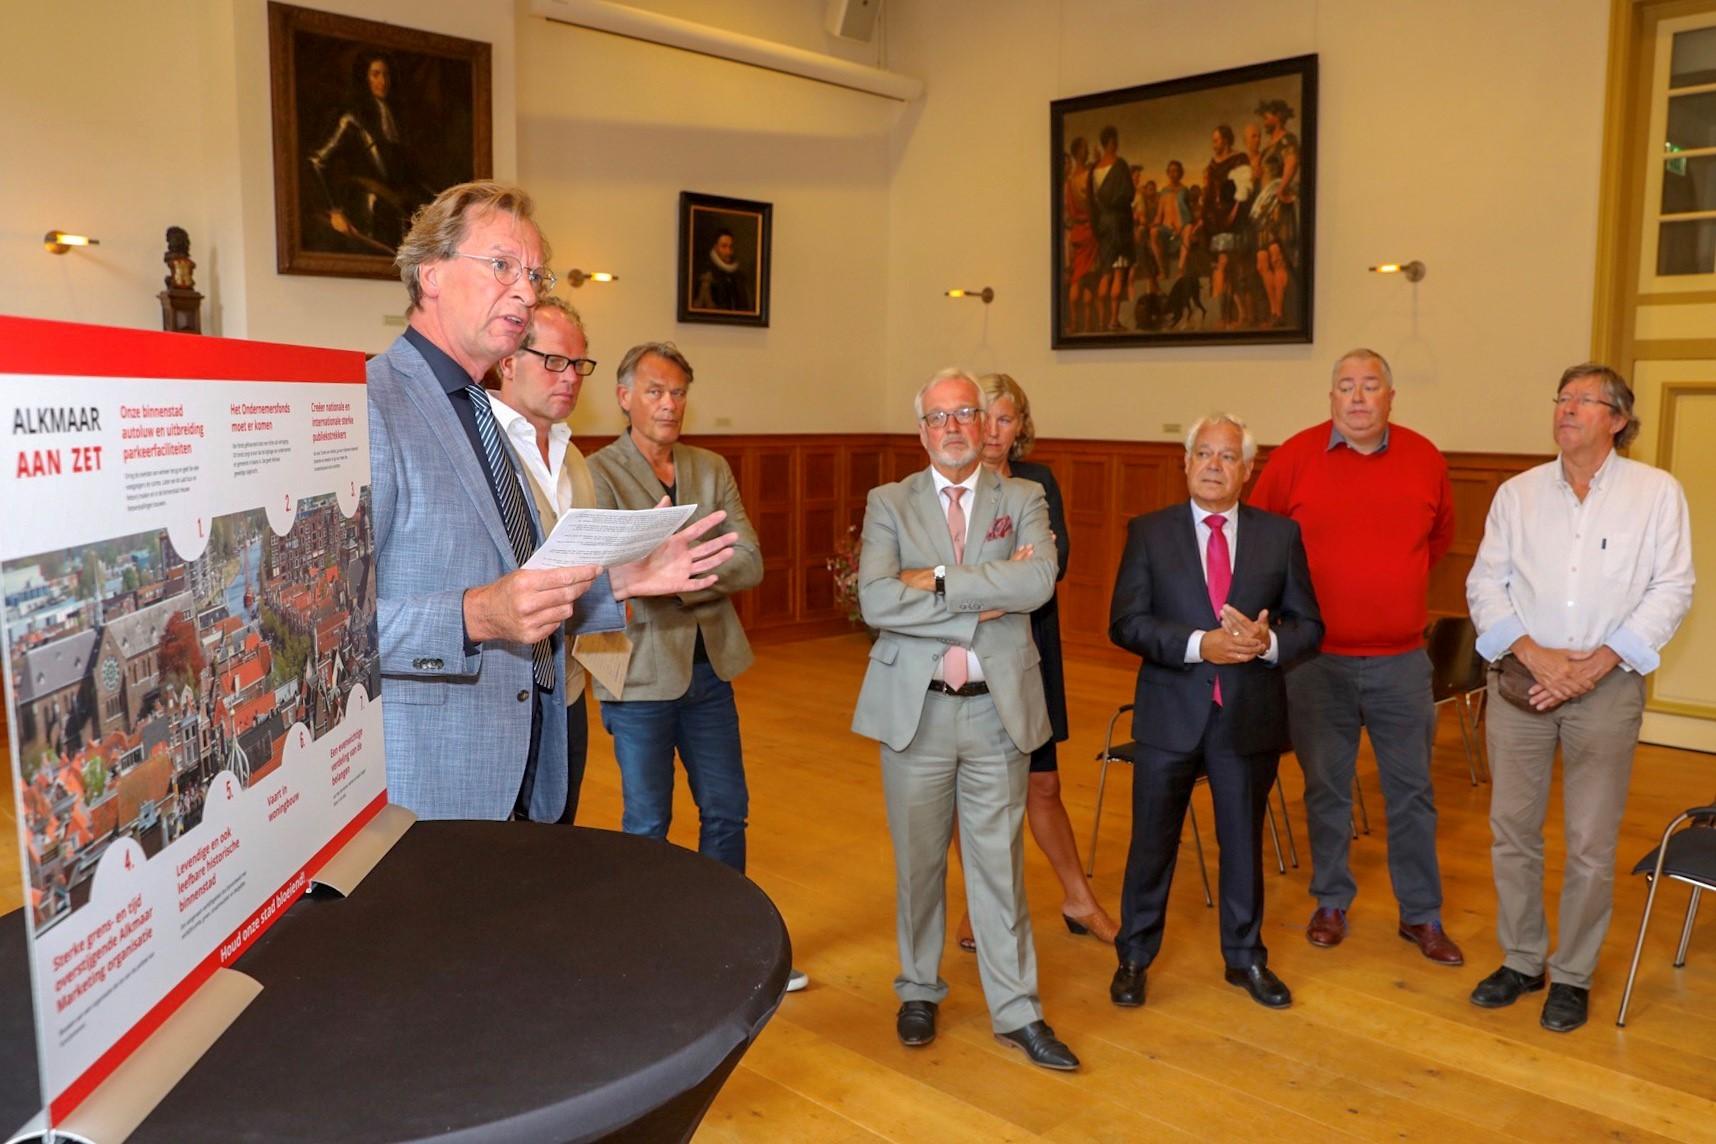 Hans van de Leygraaf pleit namens ondernemers en buurtbewoners voor ambitieuze plannen voor de stad. (Foto: Vincent de Vries/RM)